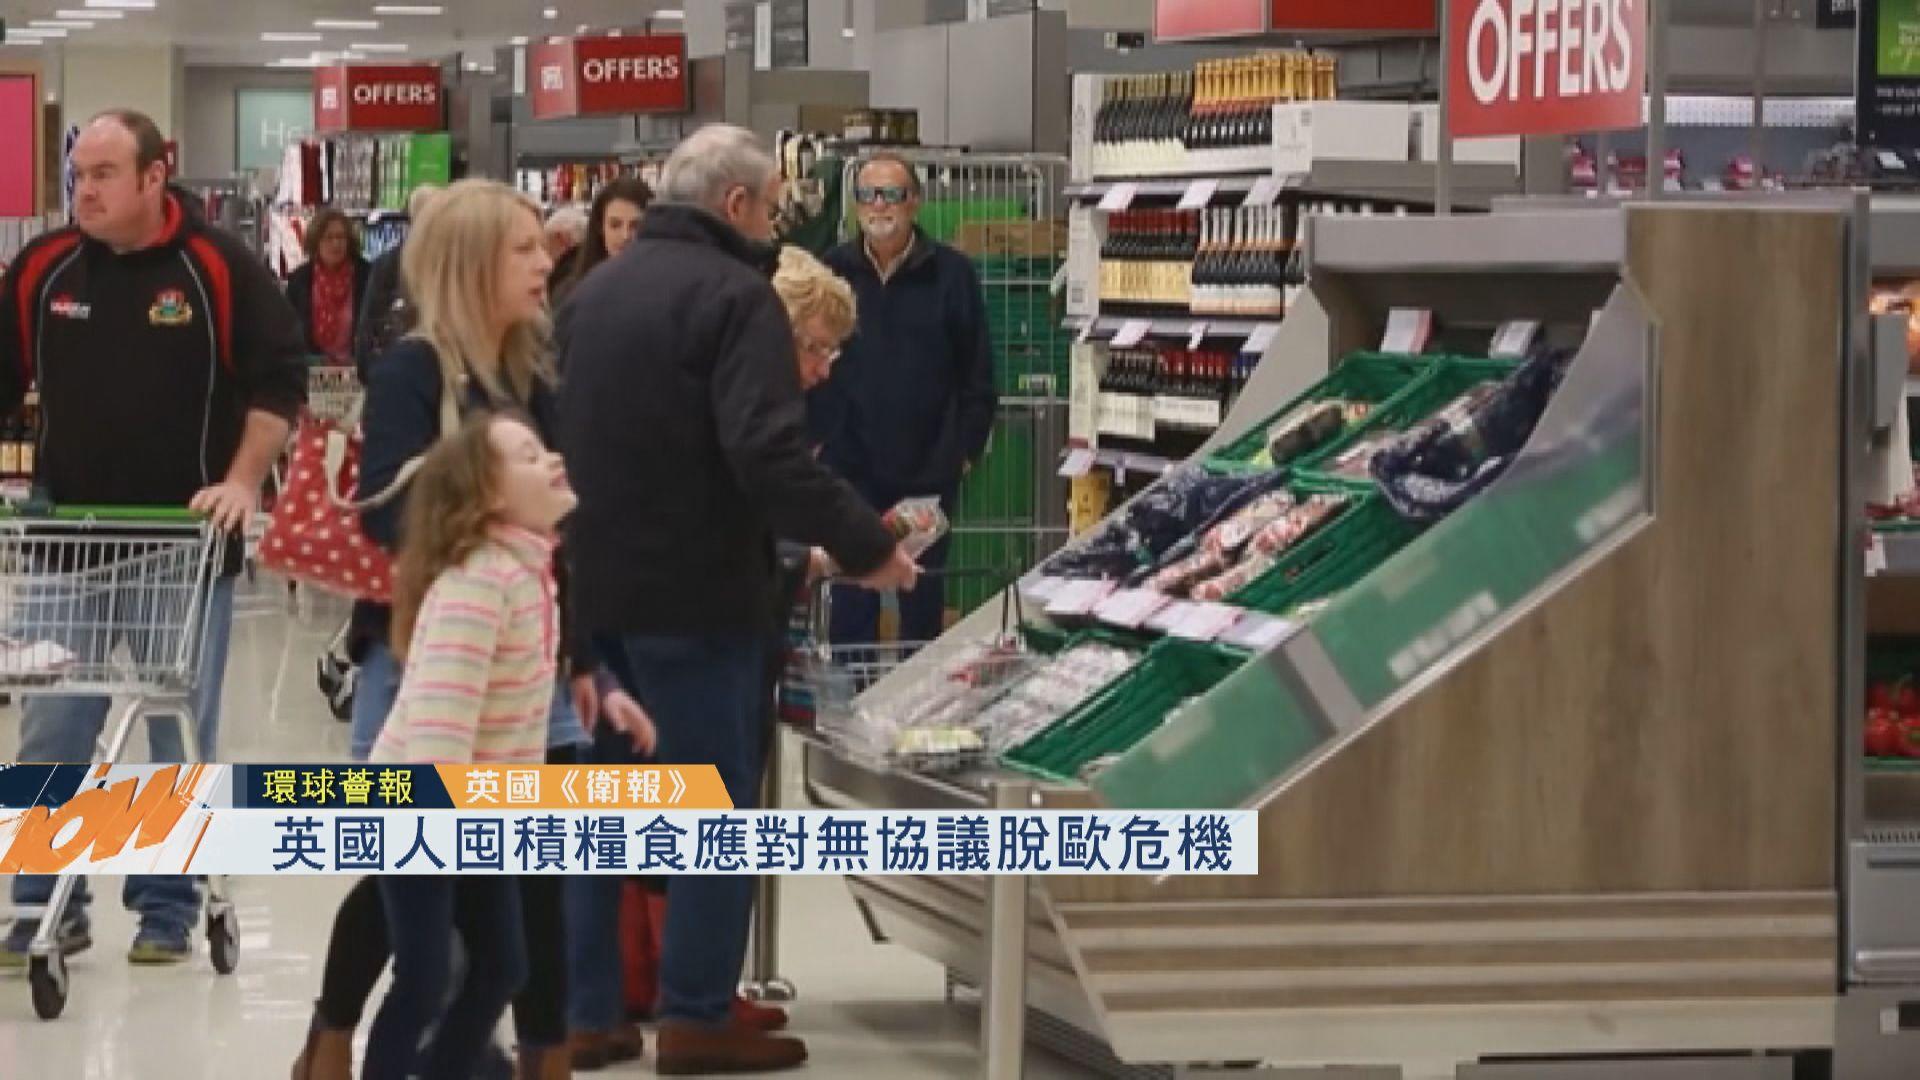 【環球薈報】英國人囤積糧食應對無協議脫歐危機